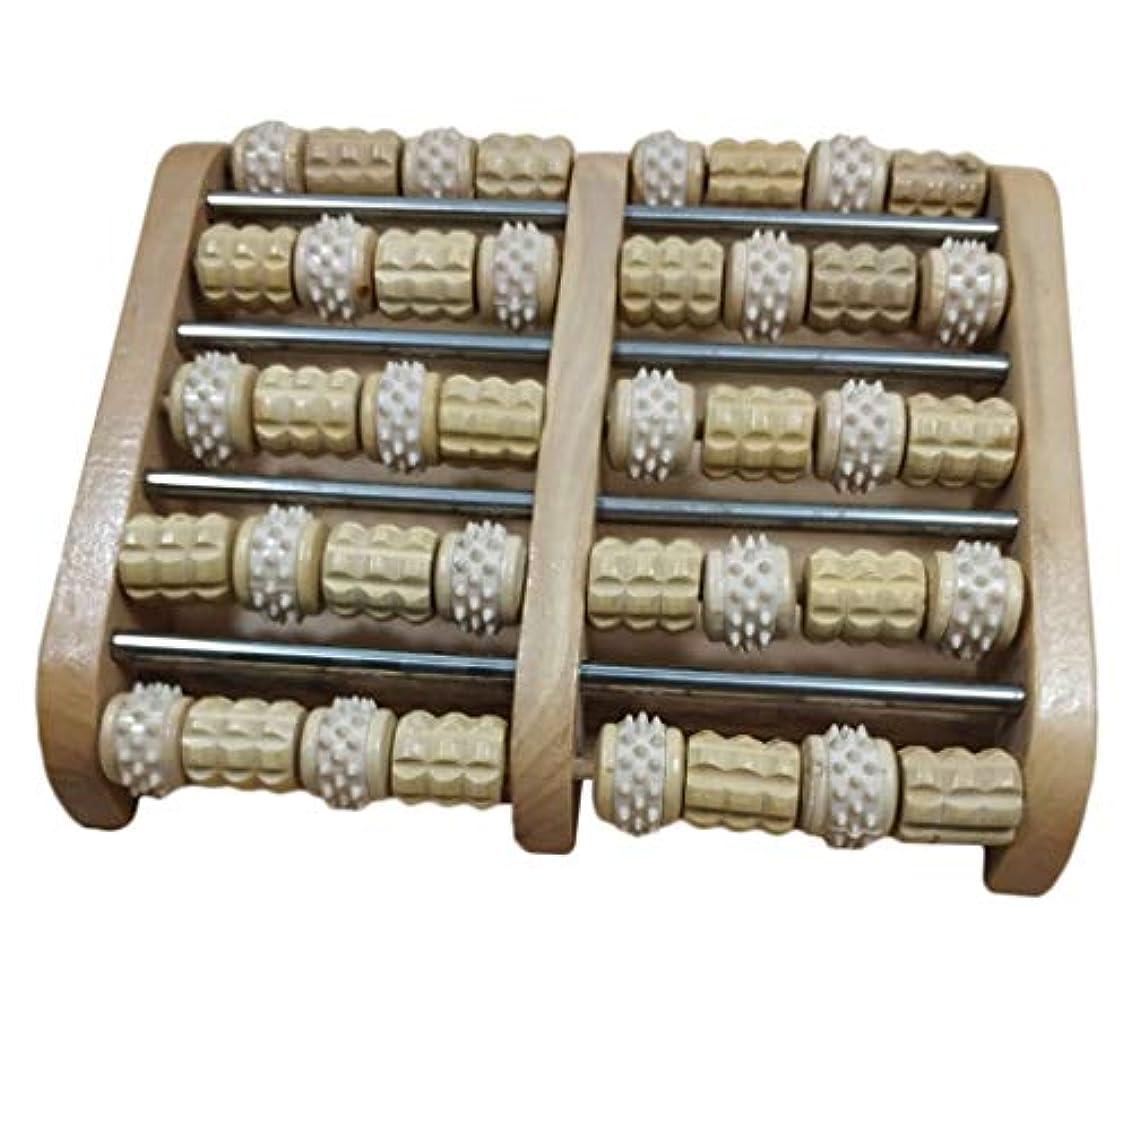 ライタークレア広げるデュアルフットマッサージローラー 家庭用 サロン用 フットマッサージ 木製 高品質